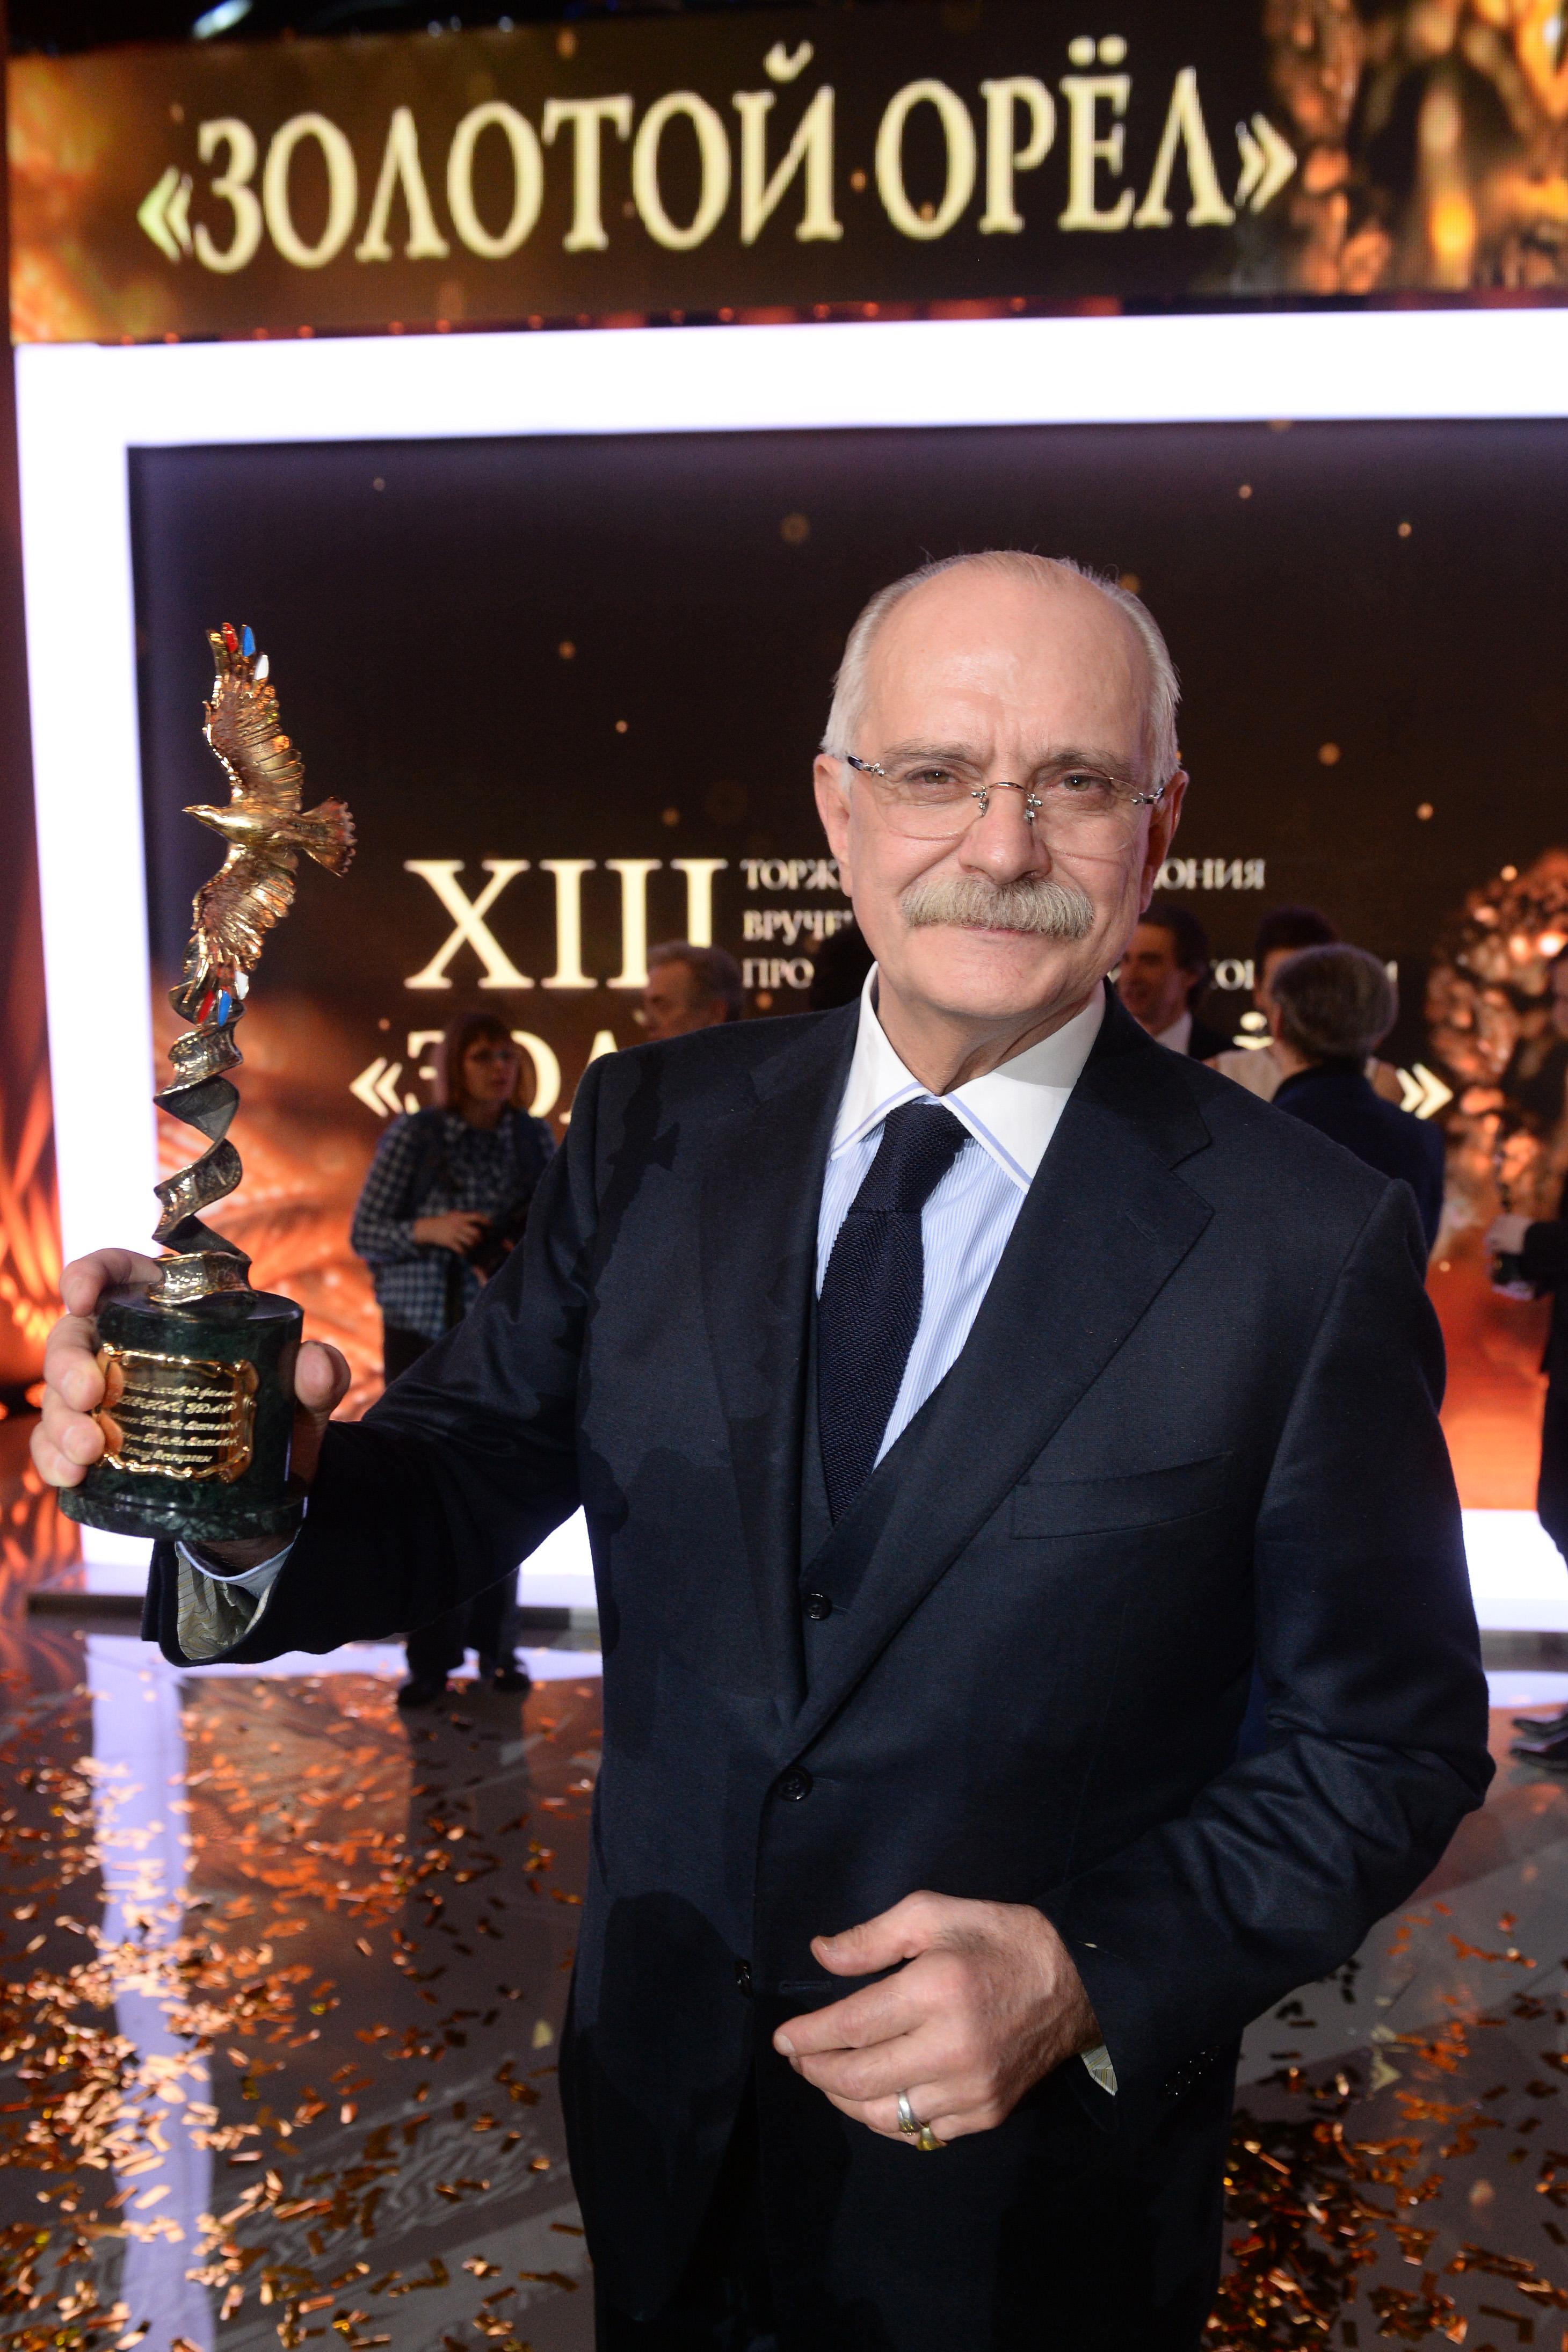 «Солнечный удар» Никиты Михалкова получил главный приз российской премии «Золотой орел»